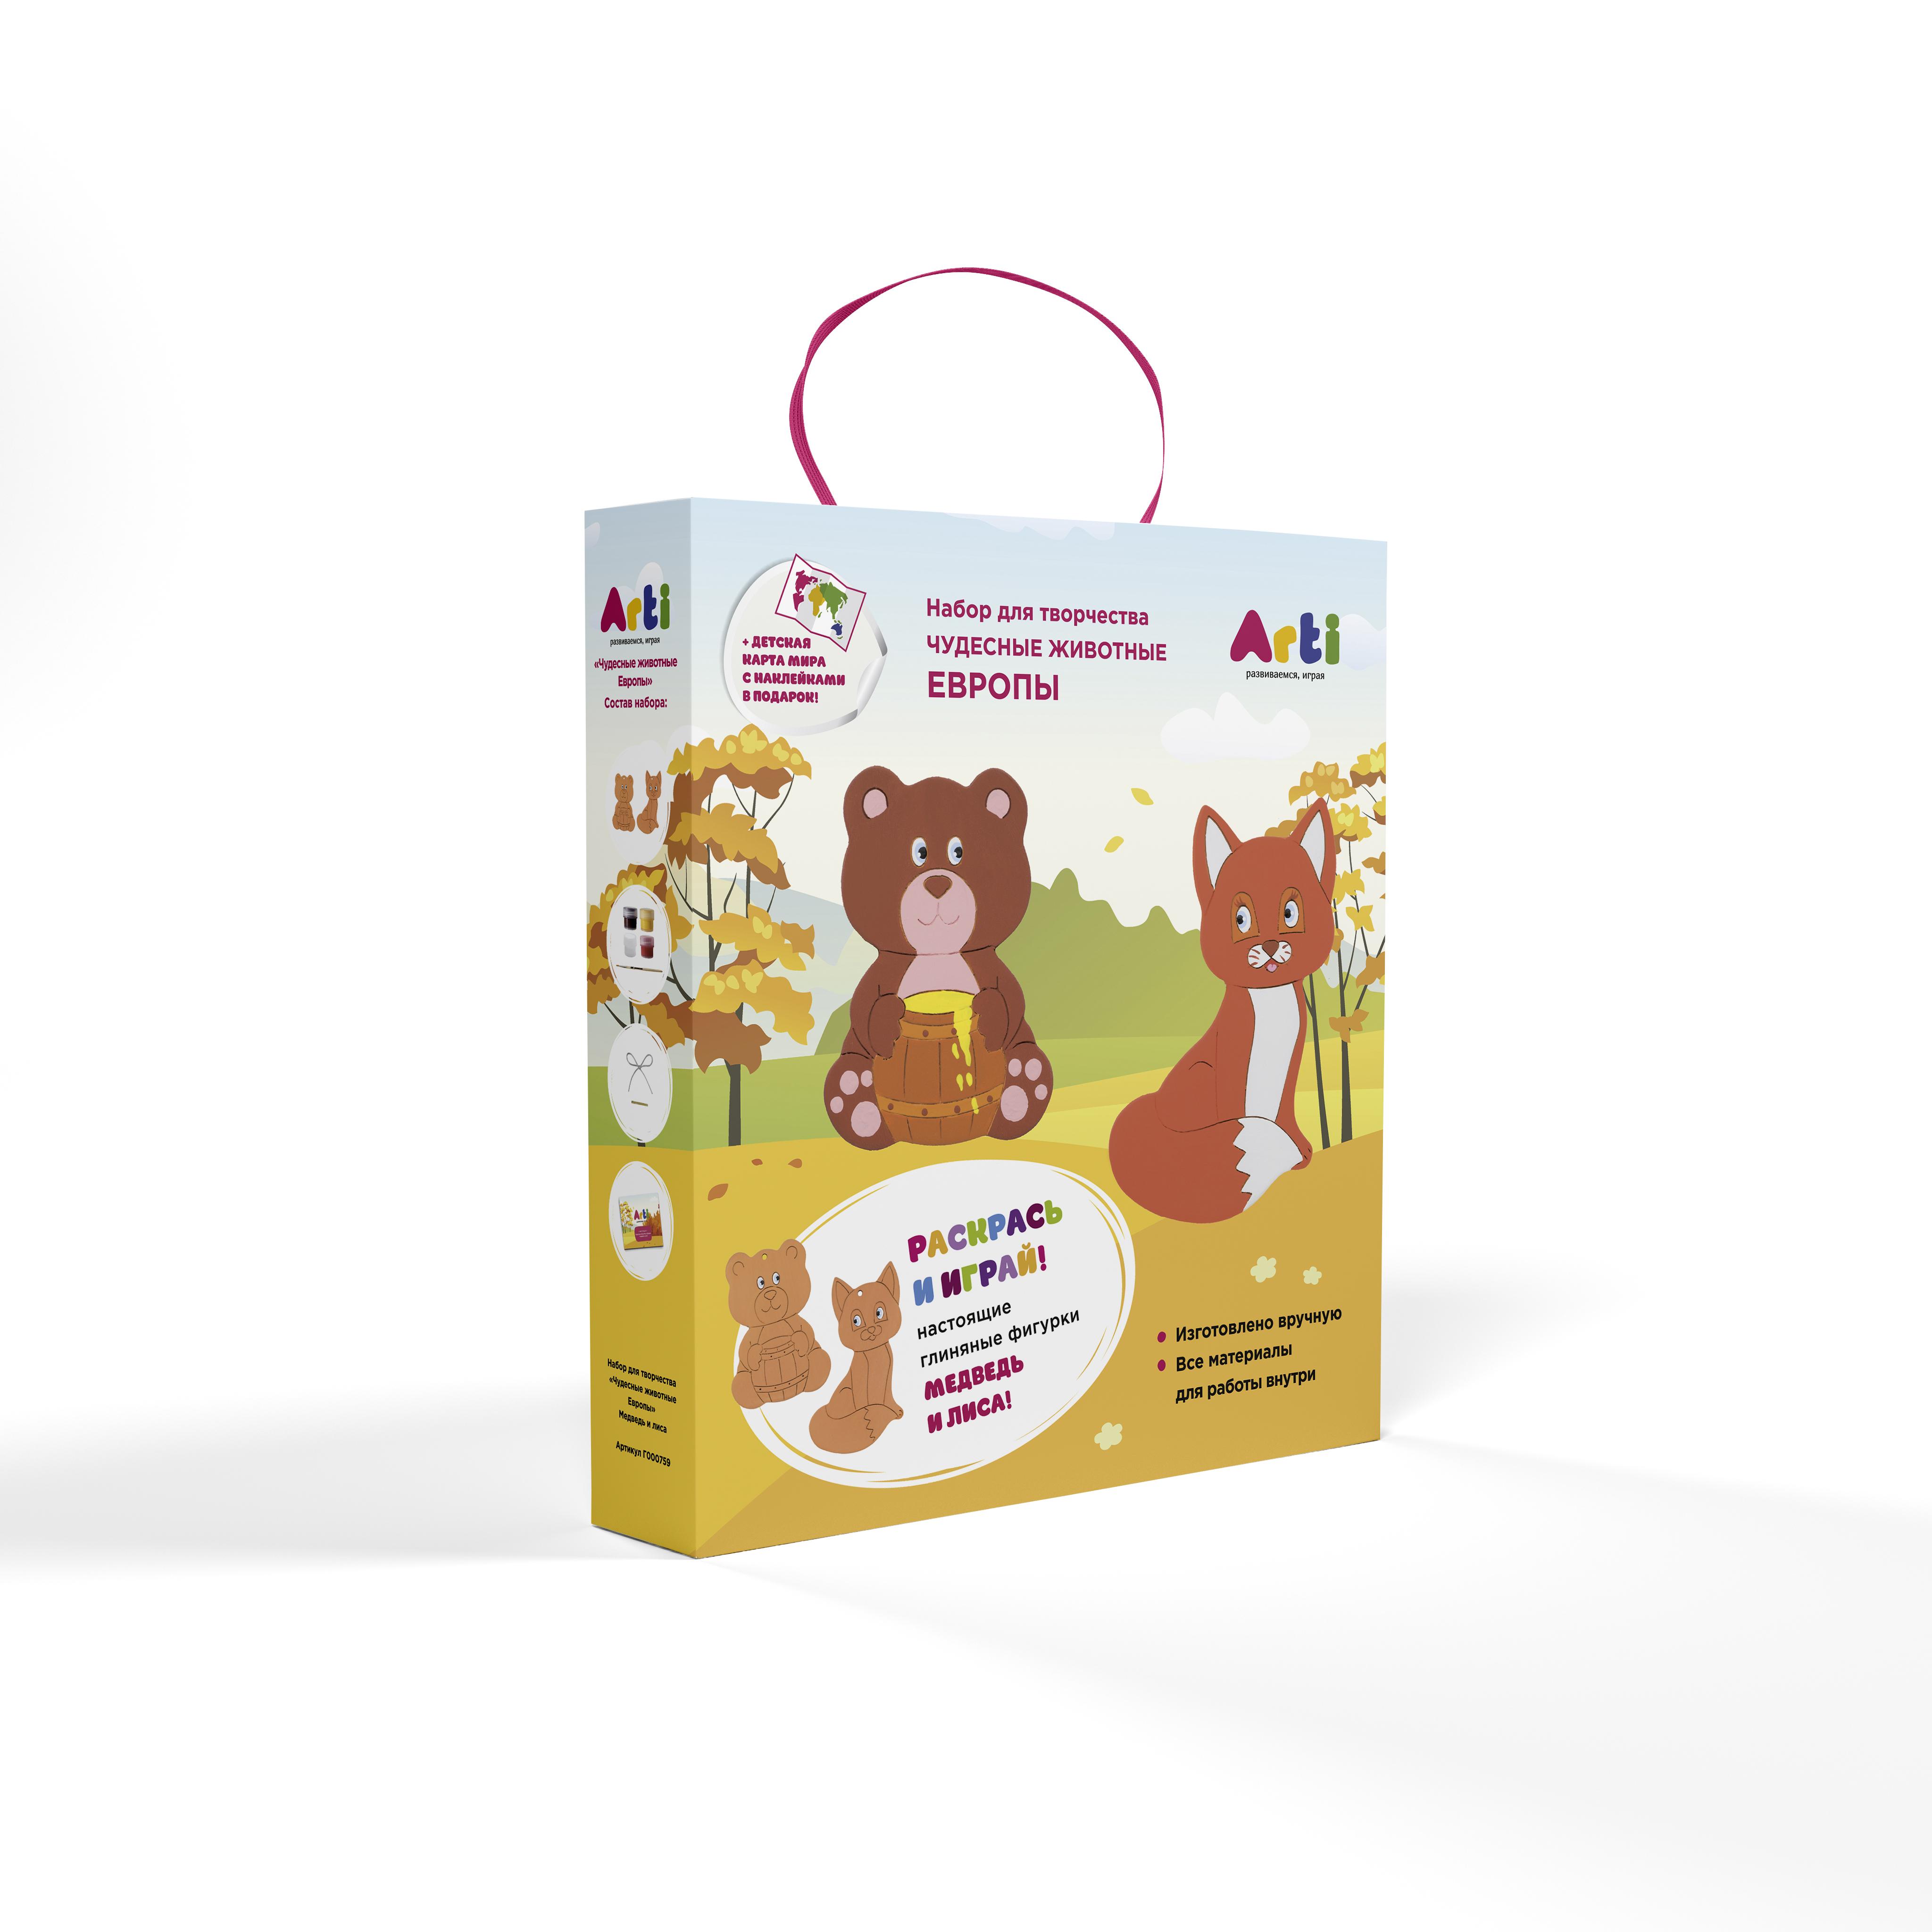 Arti.Набор для творчества Чудесные животные Европы Медведь и лиса медведь и лиса